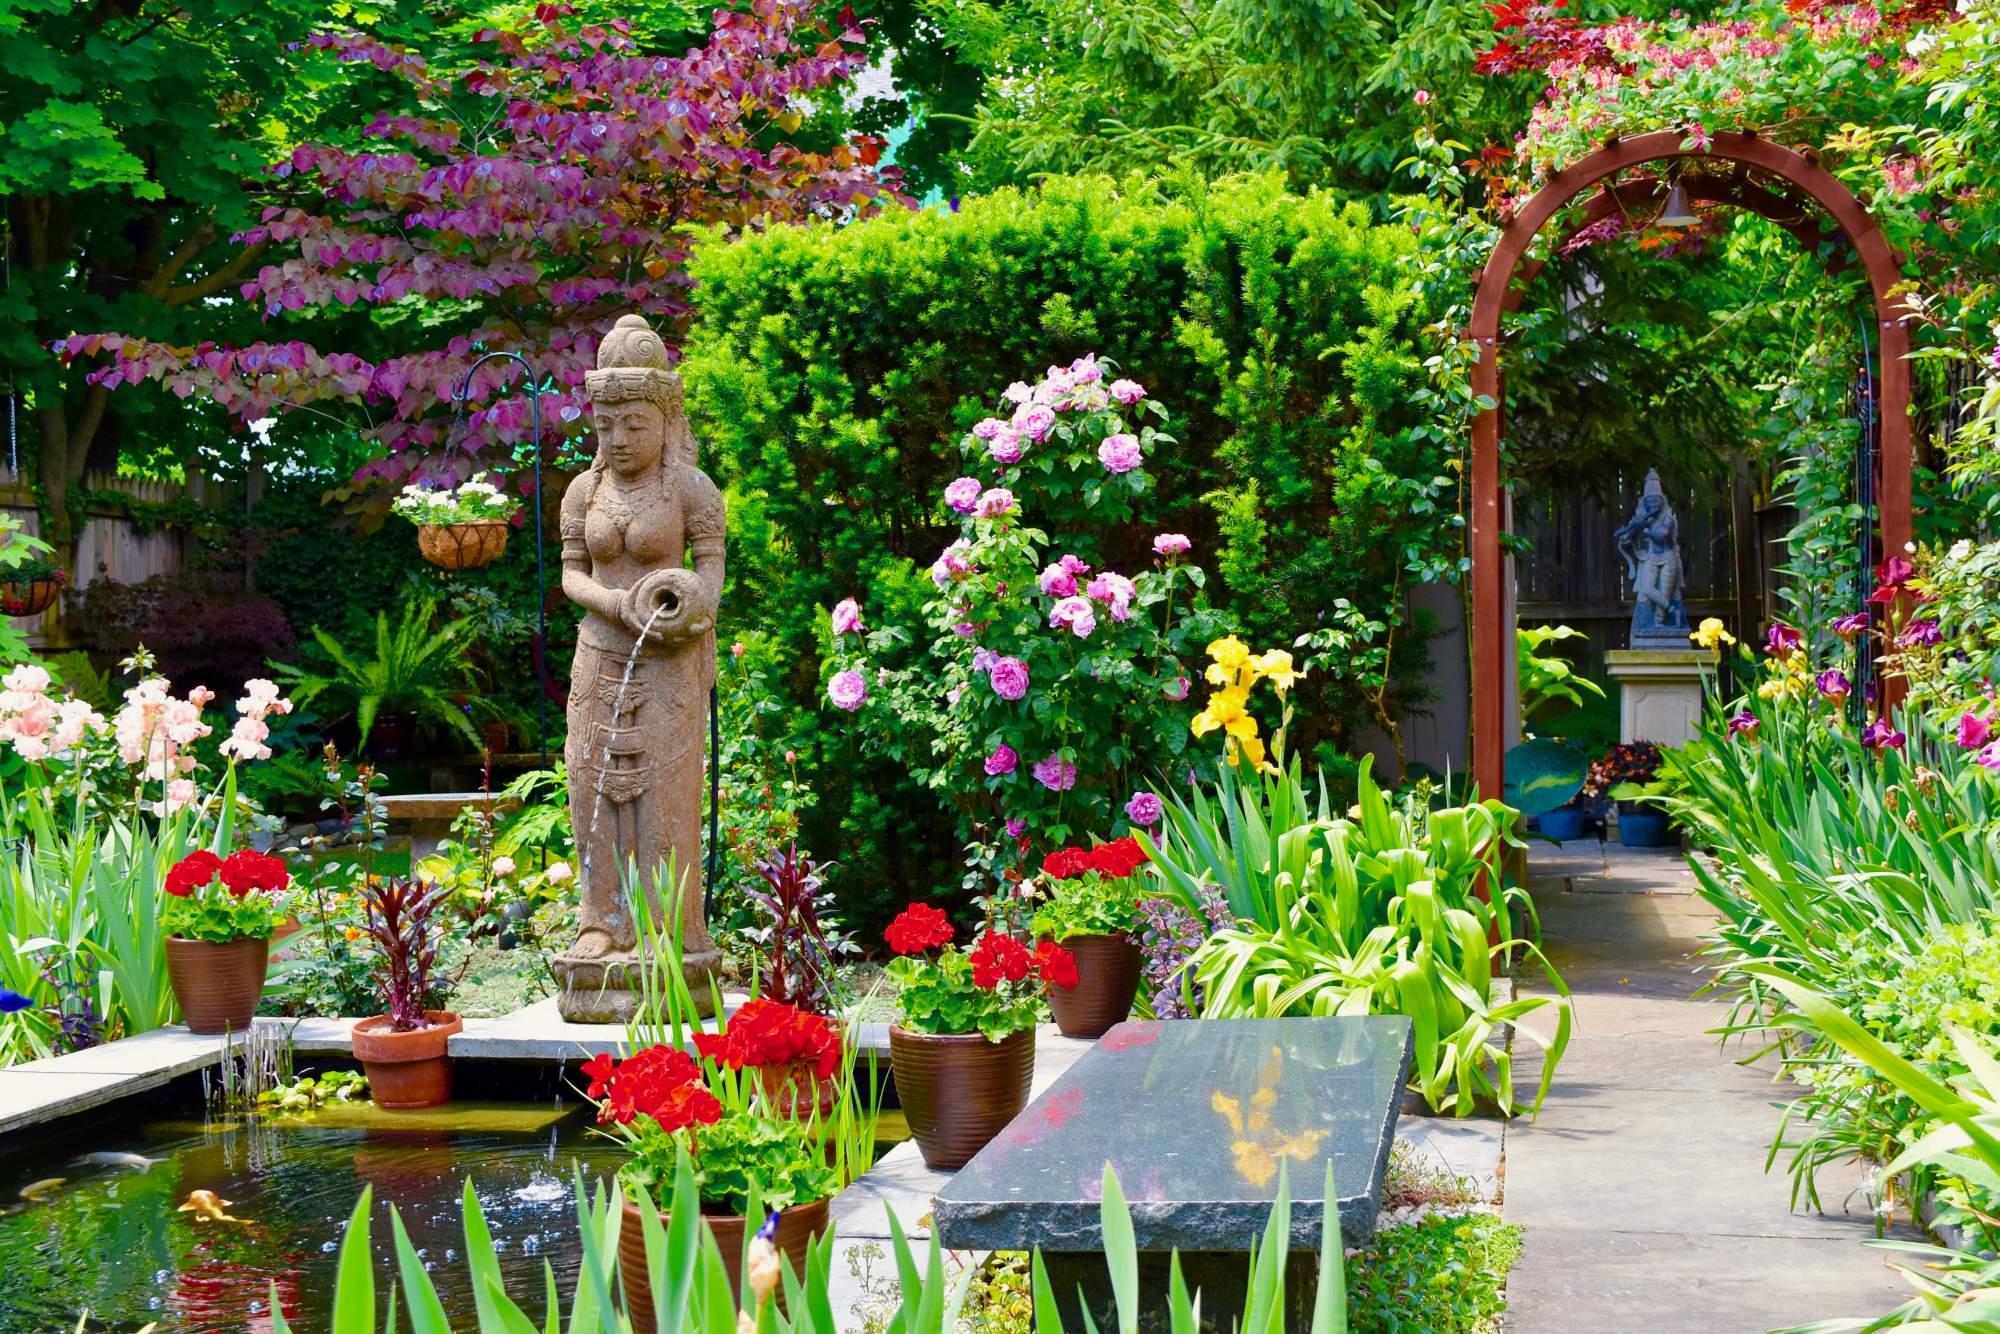 Garden Walk Buffalo > Events > Gardens Buffalo Niagara - Buffalo, NY